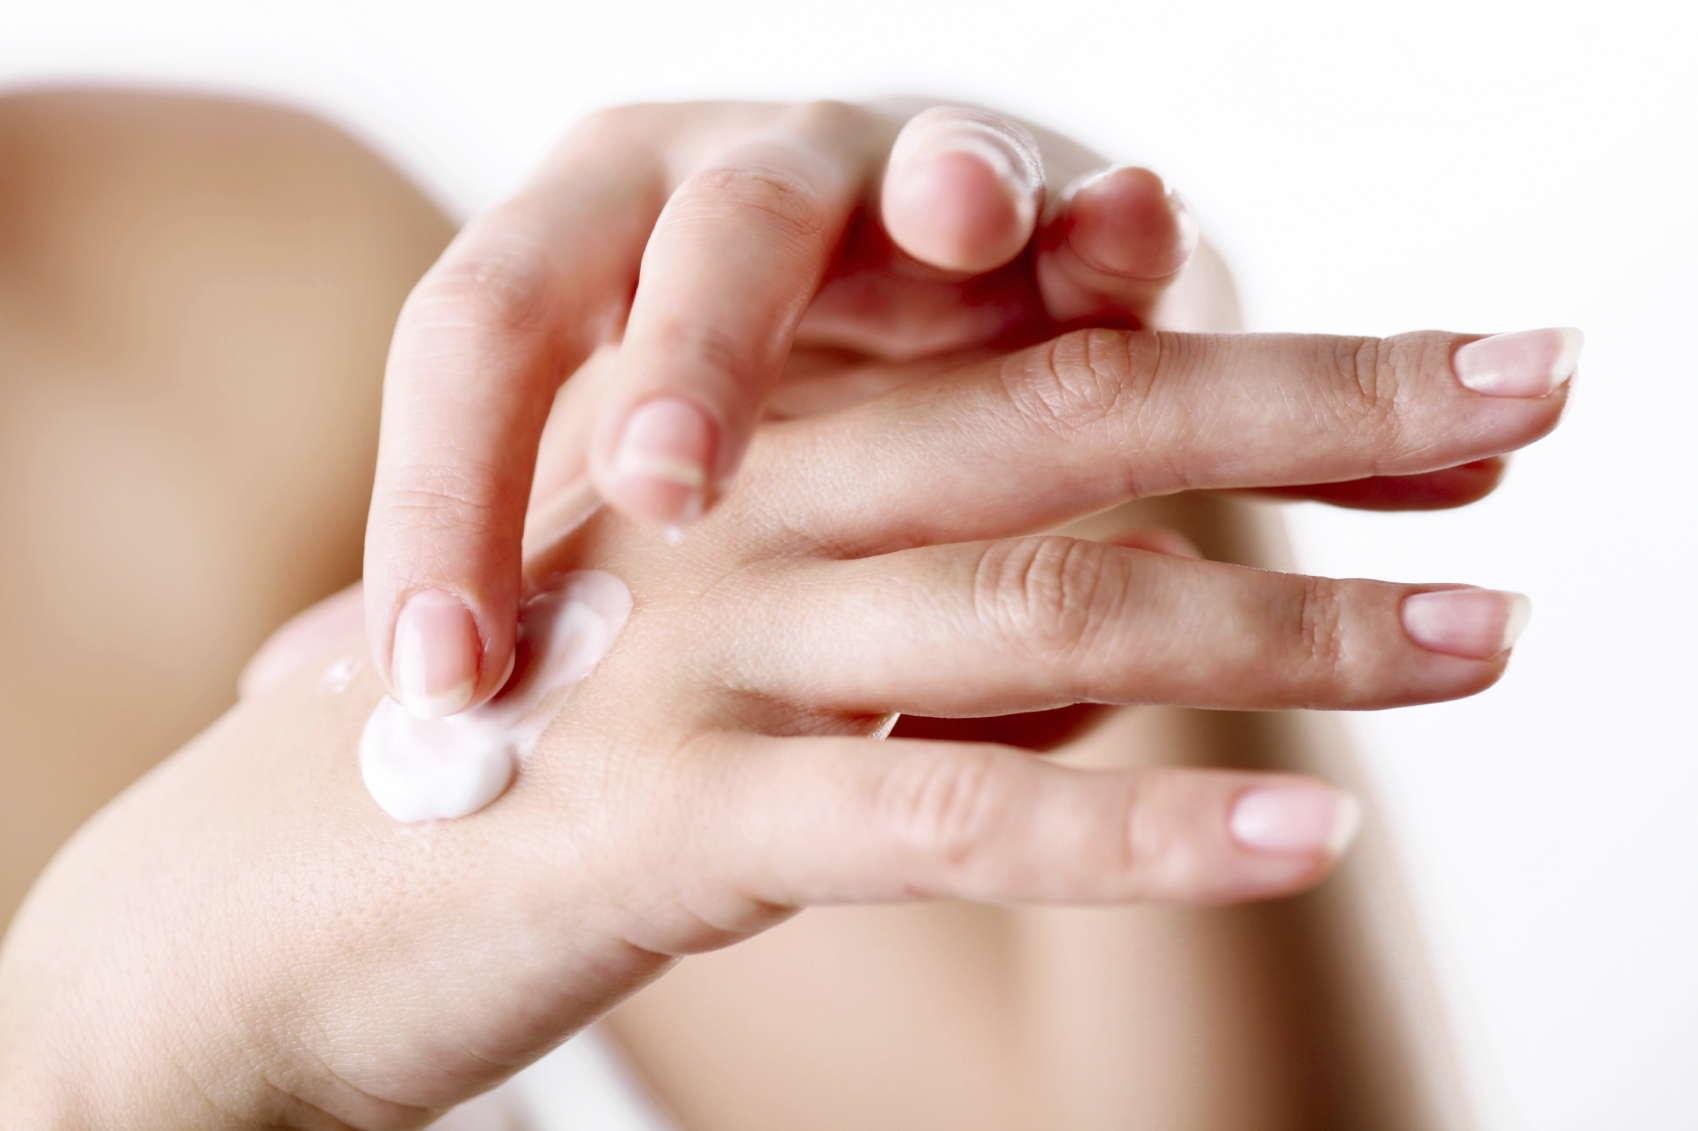 Cuidar das mãos e passar creme é sempre importante